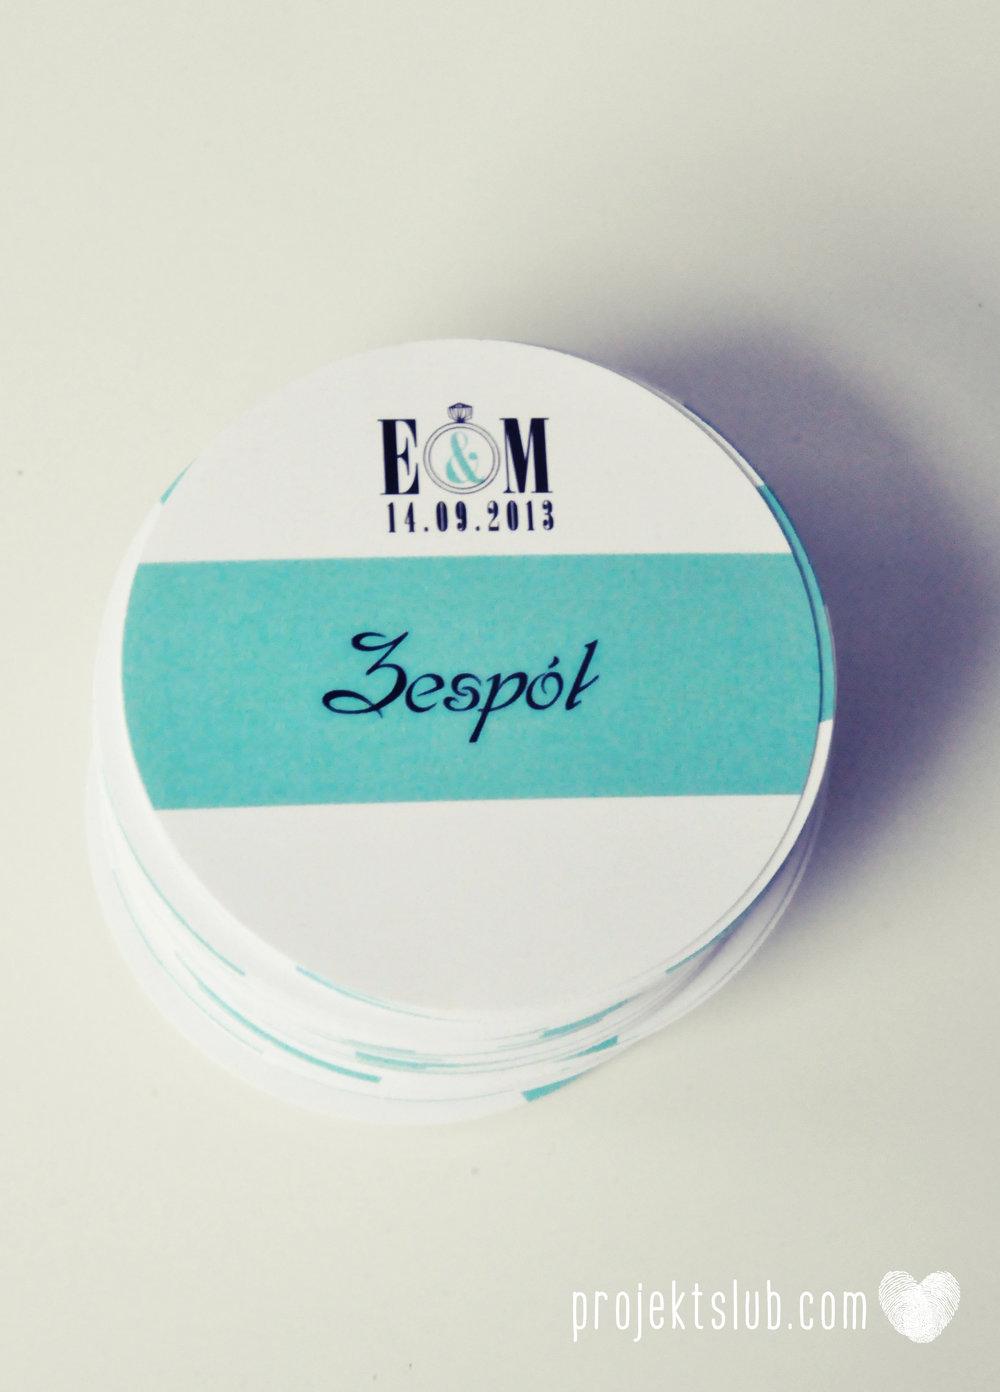 zaproszenia ślubne fashionelki wieża eiffel paryż piktogramy elegancki minimalizm błękit kolor tiffany zdjęcie narzeczonych Projekt Ślub (11).JPG